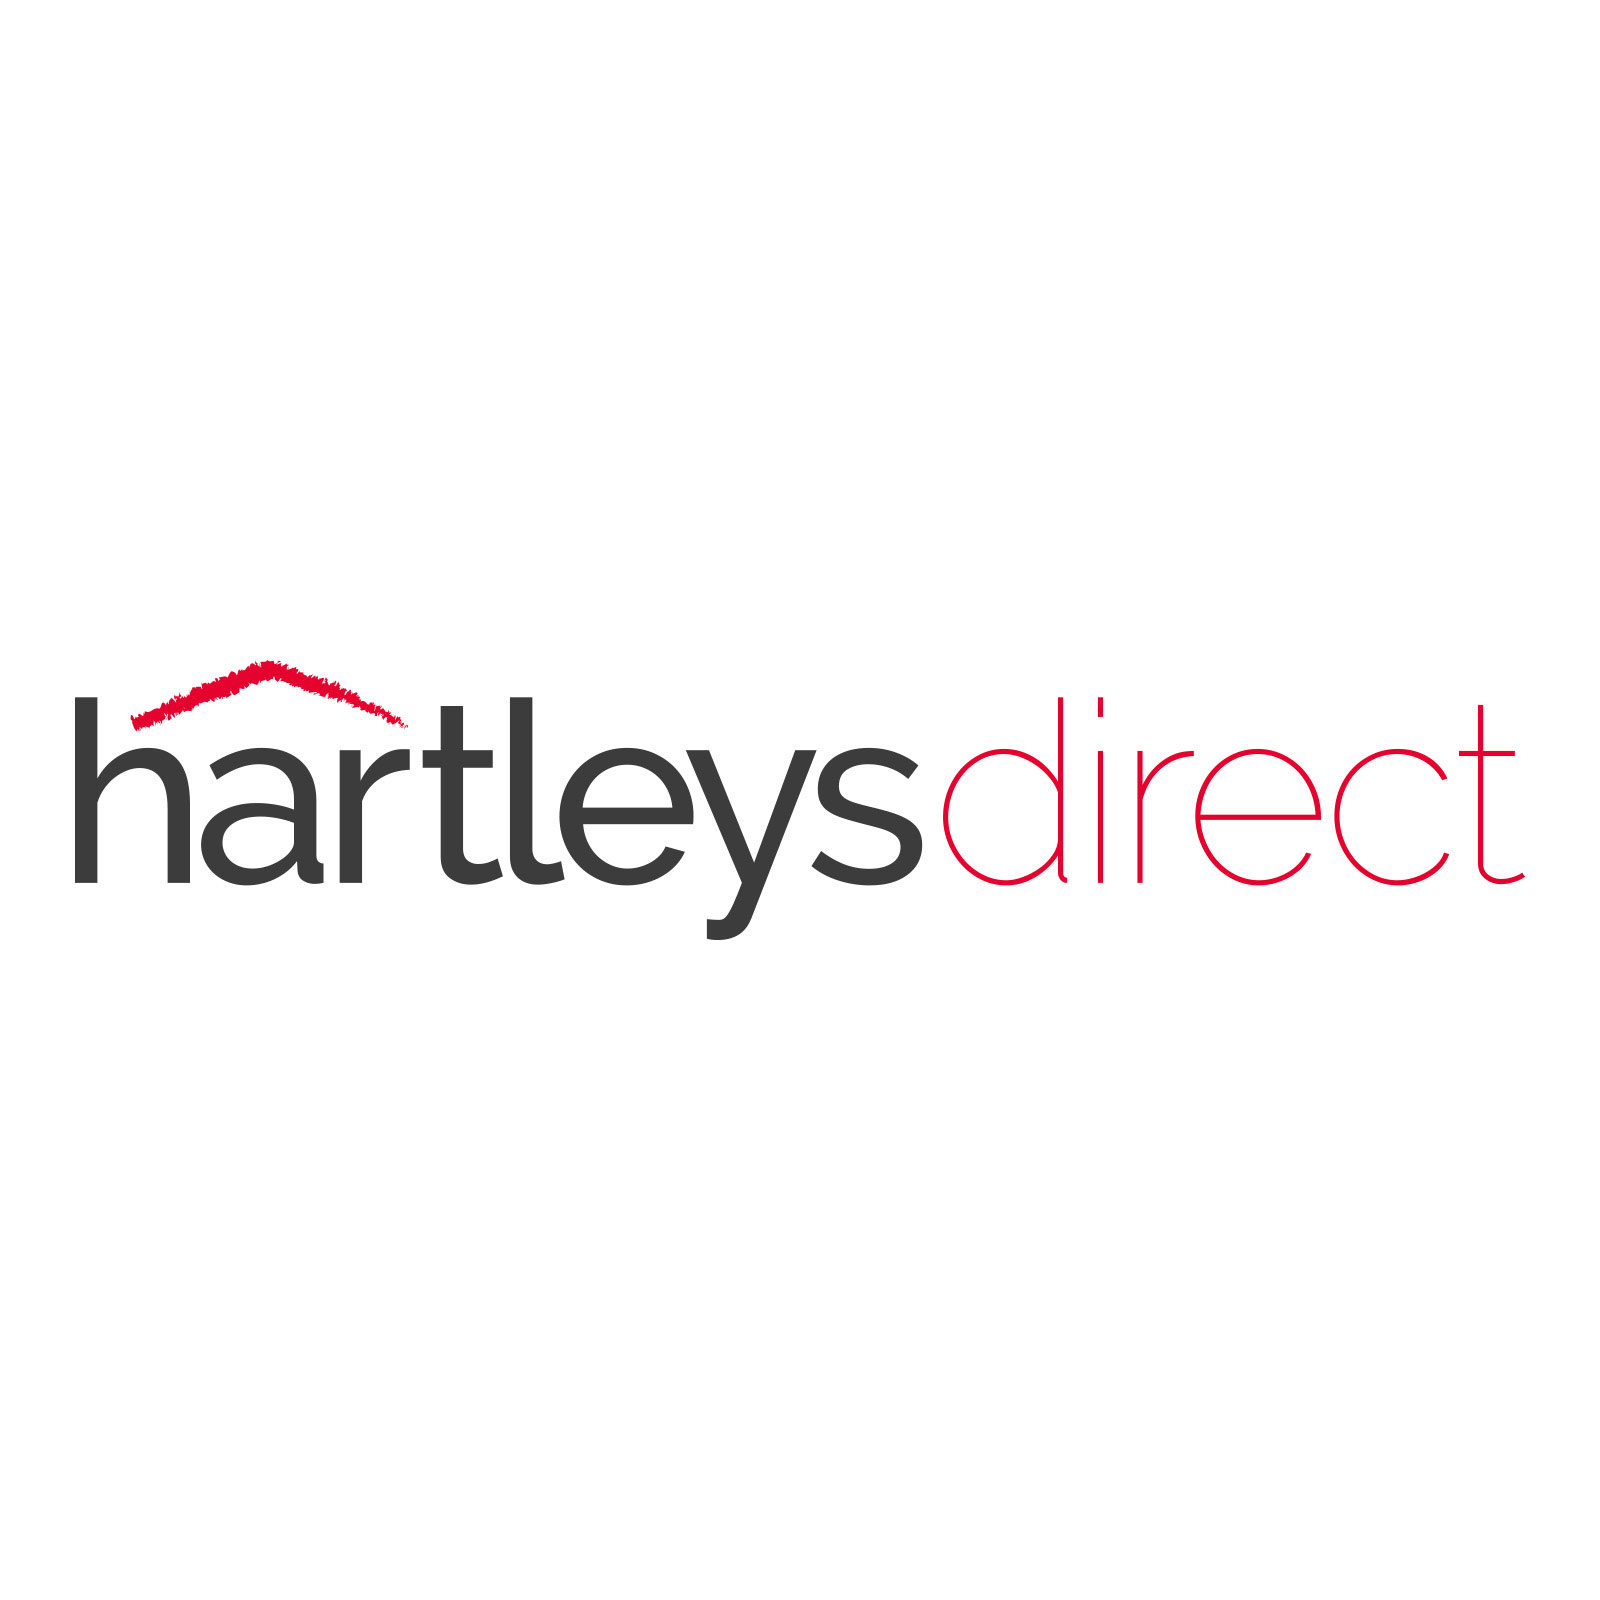 Hartleys-Kids-White-Storage-Desk-on-a-White-Background.jpg